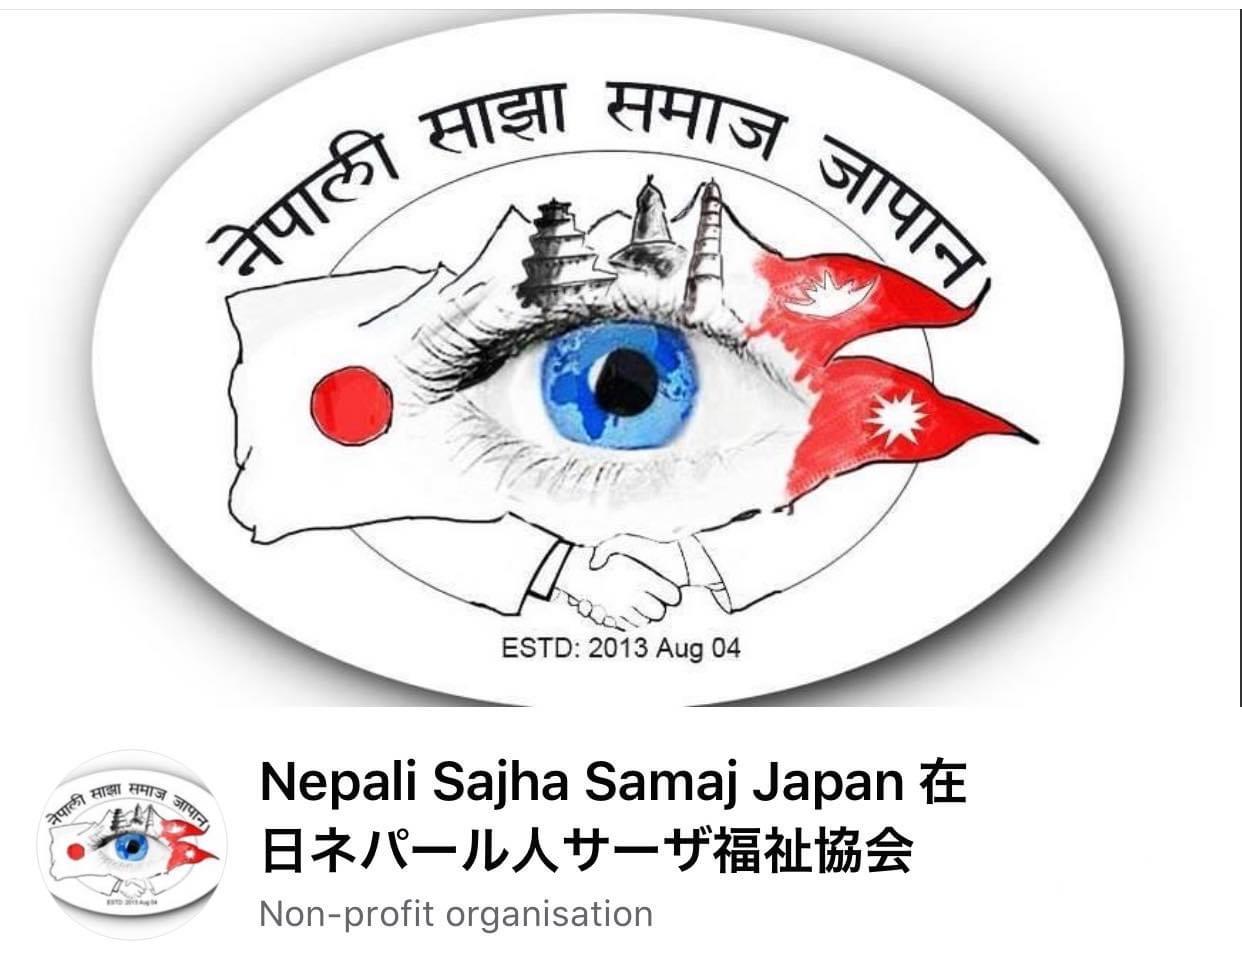 नेपाली साझा समाज जापानको तीज कार्यक्रम स्थगित, सुरक्षित साथ तीज मनाउन अनुरोध